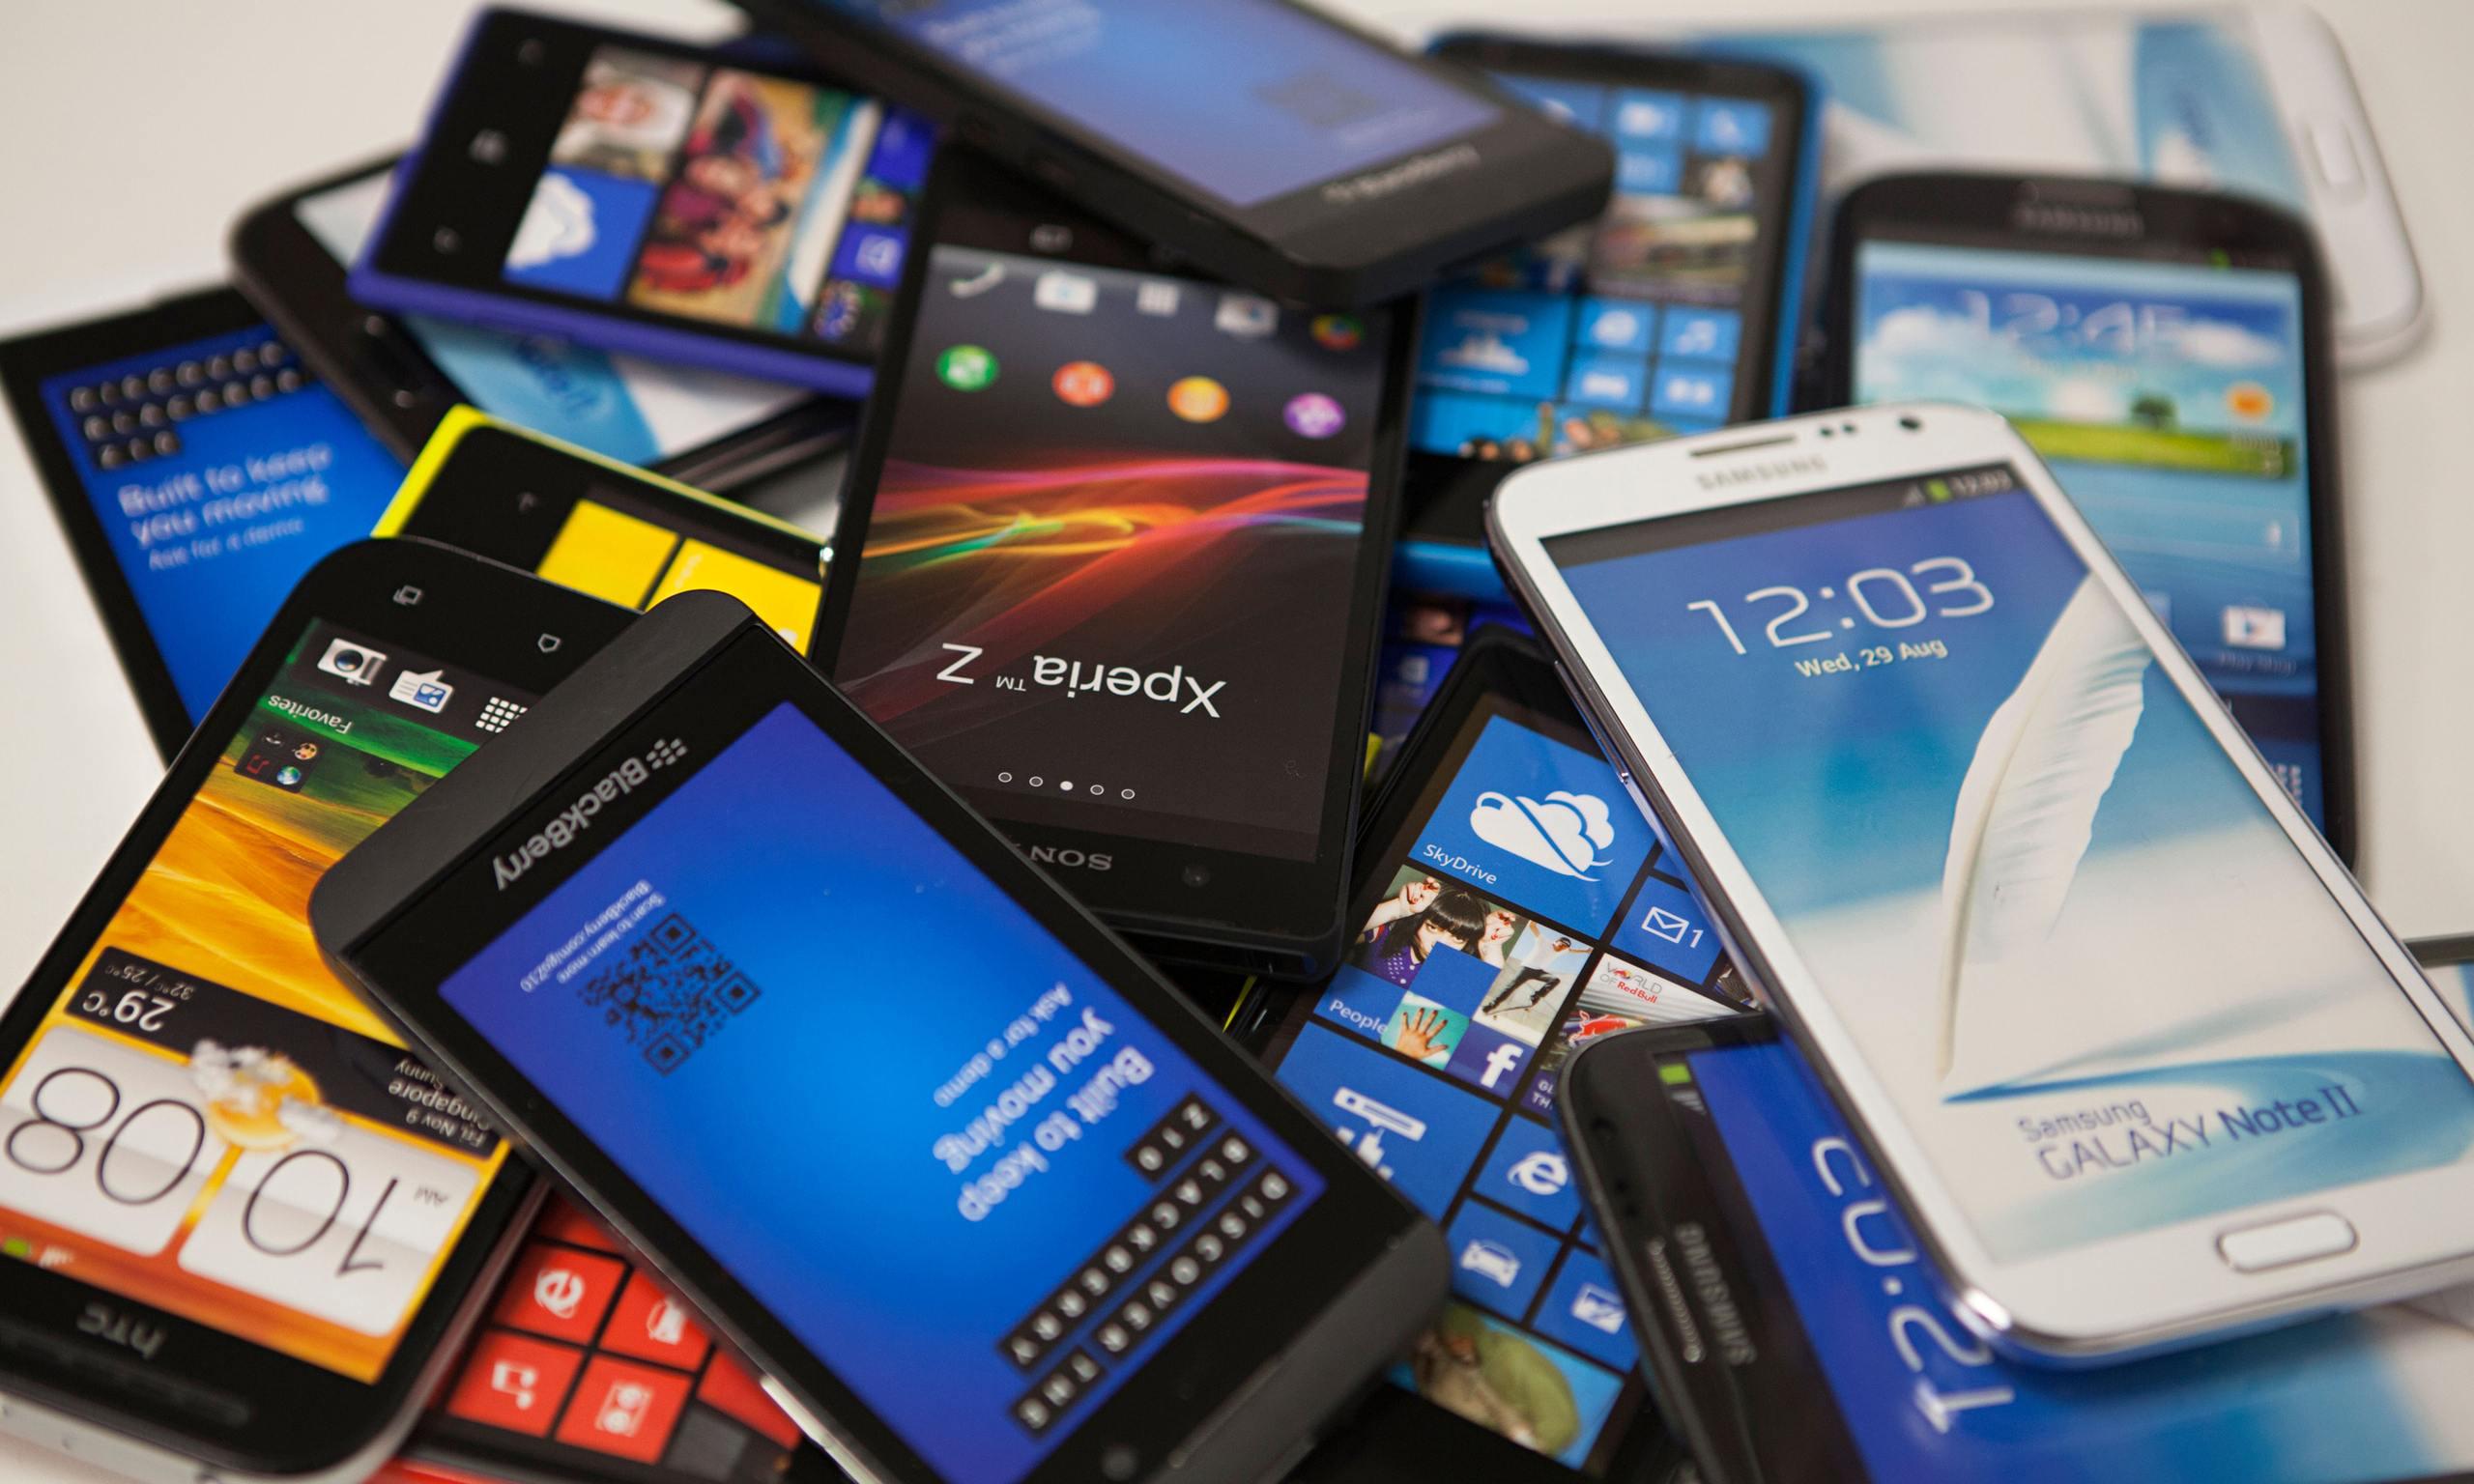 ¿Qué fabricante presento más modelos de smartphones el 2016?